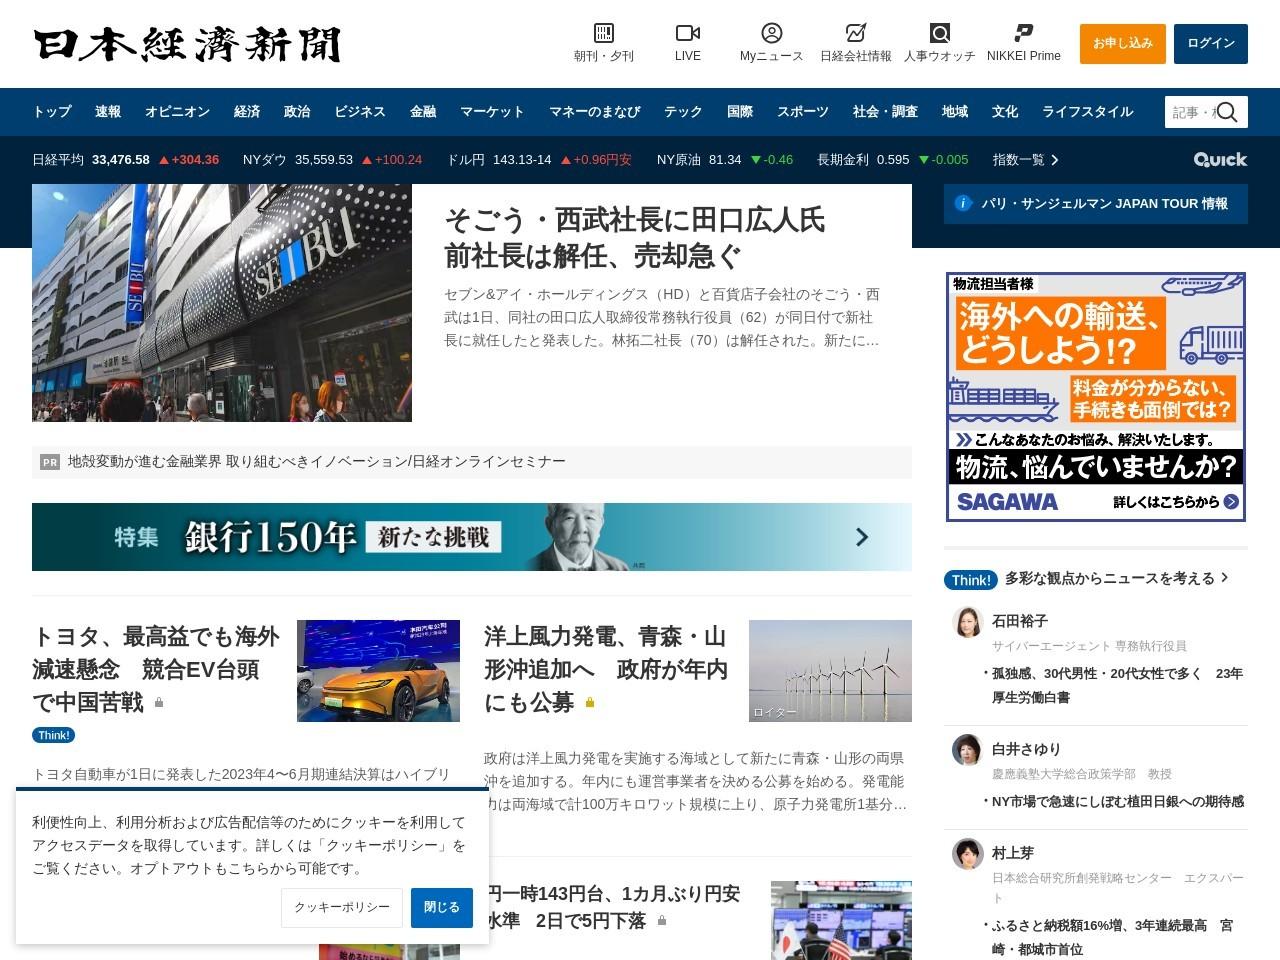 ソーシャルゲームが抱える潜在リスク 「射幸心」あおる仕組みとは :日本経済新聞